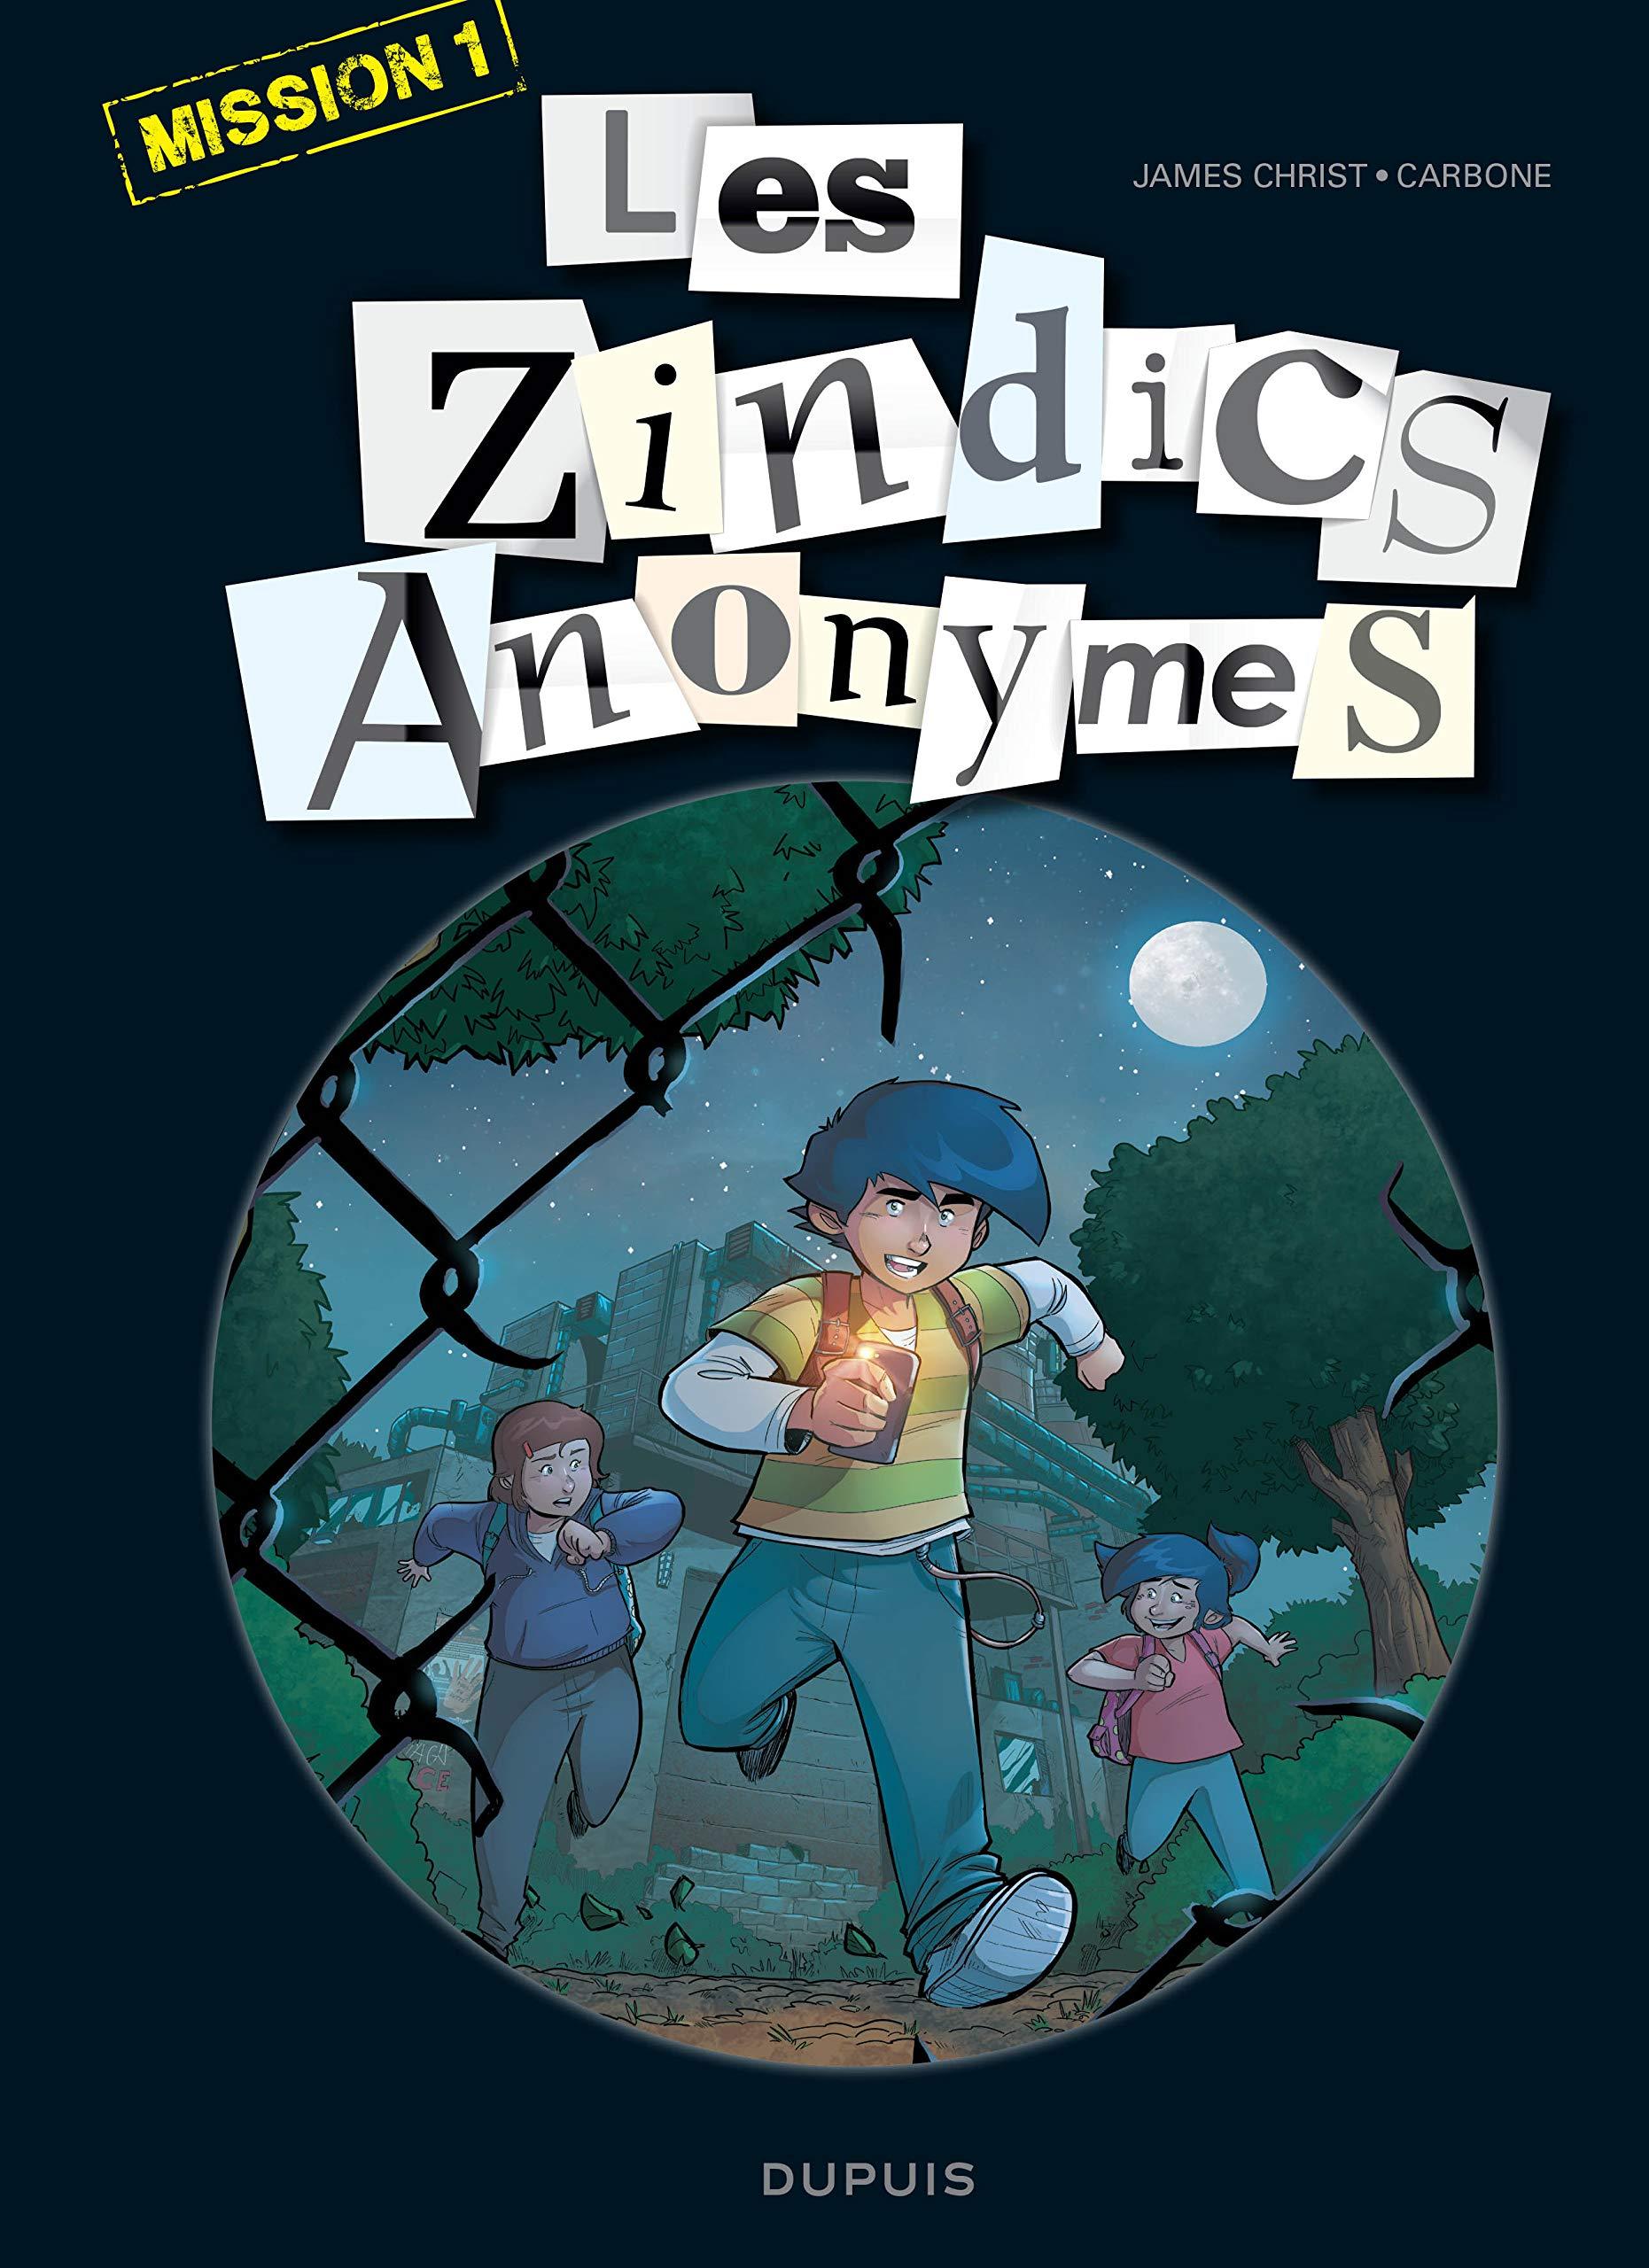 Les zindics anonymes 1 - Mission 1